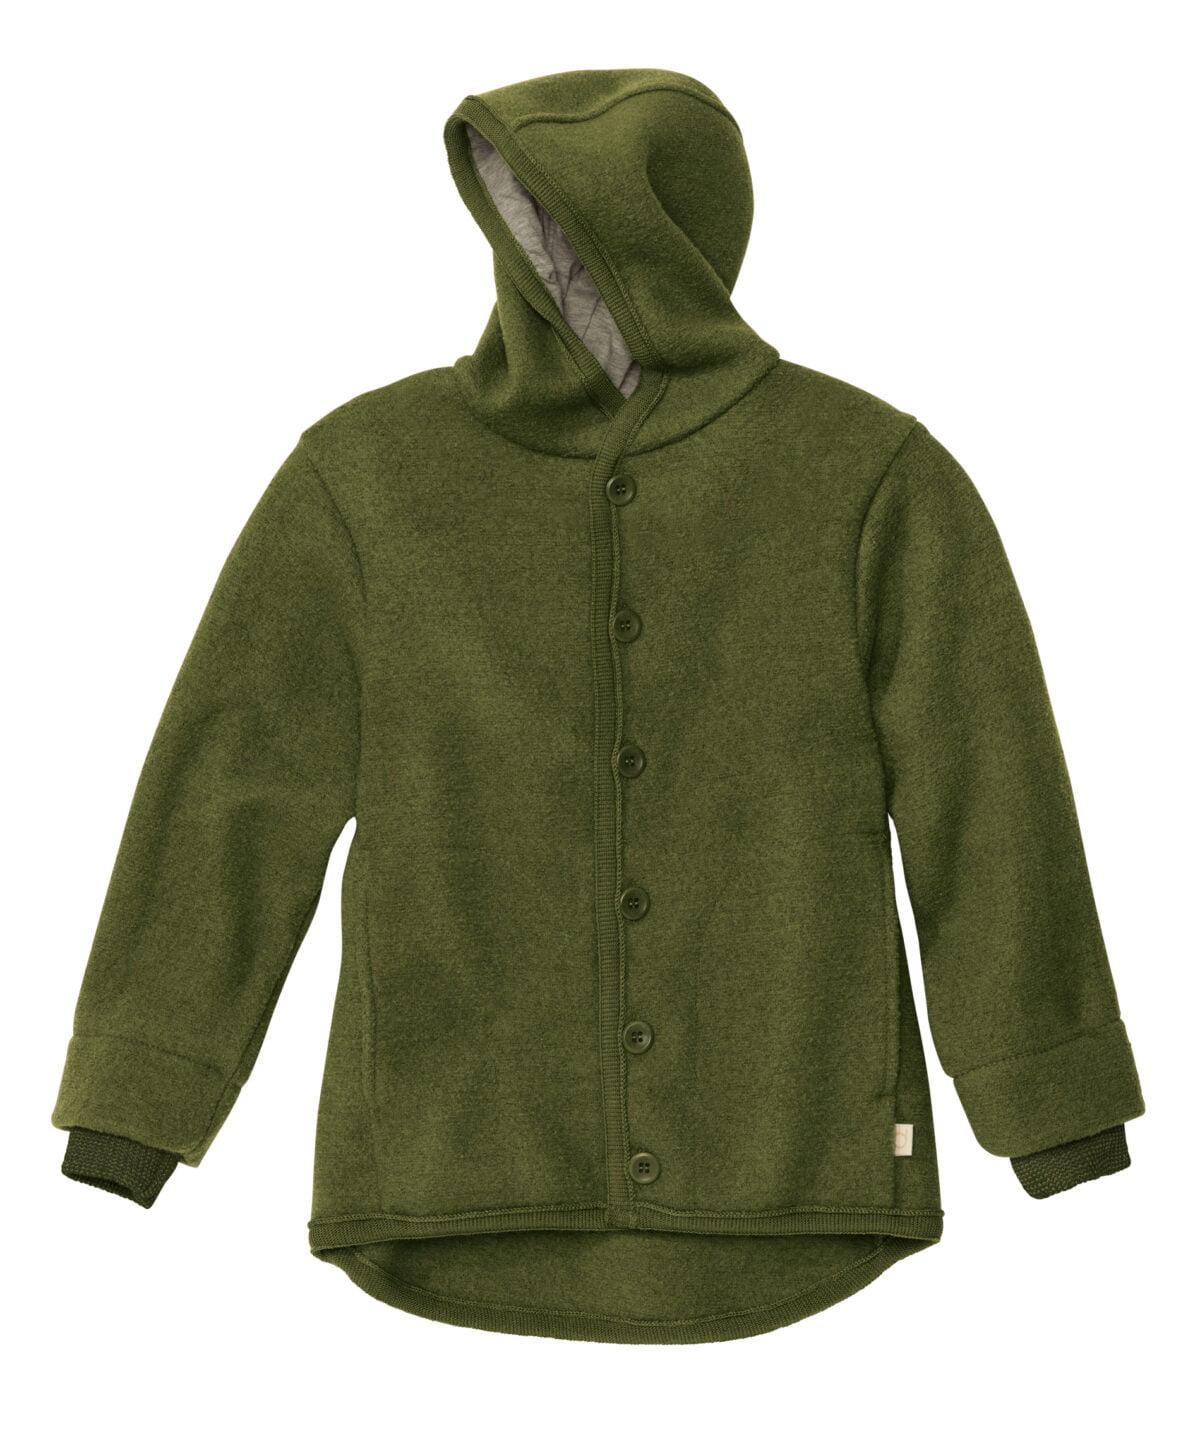 Jachetă Disana din lână merinos boiled wool Olive